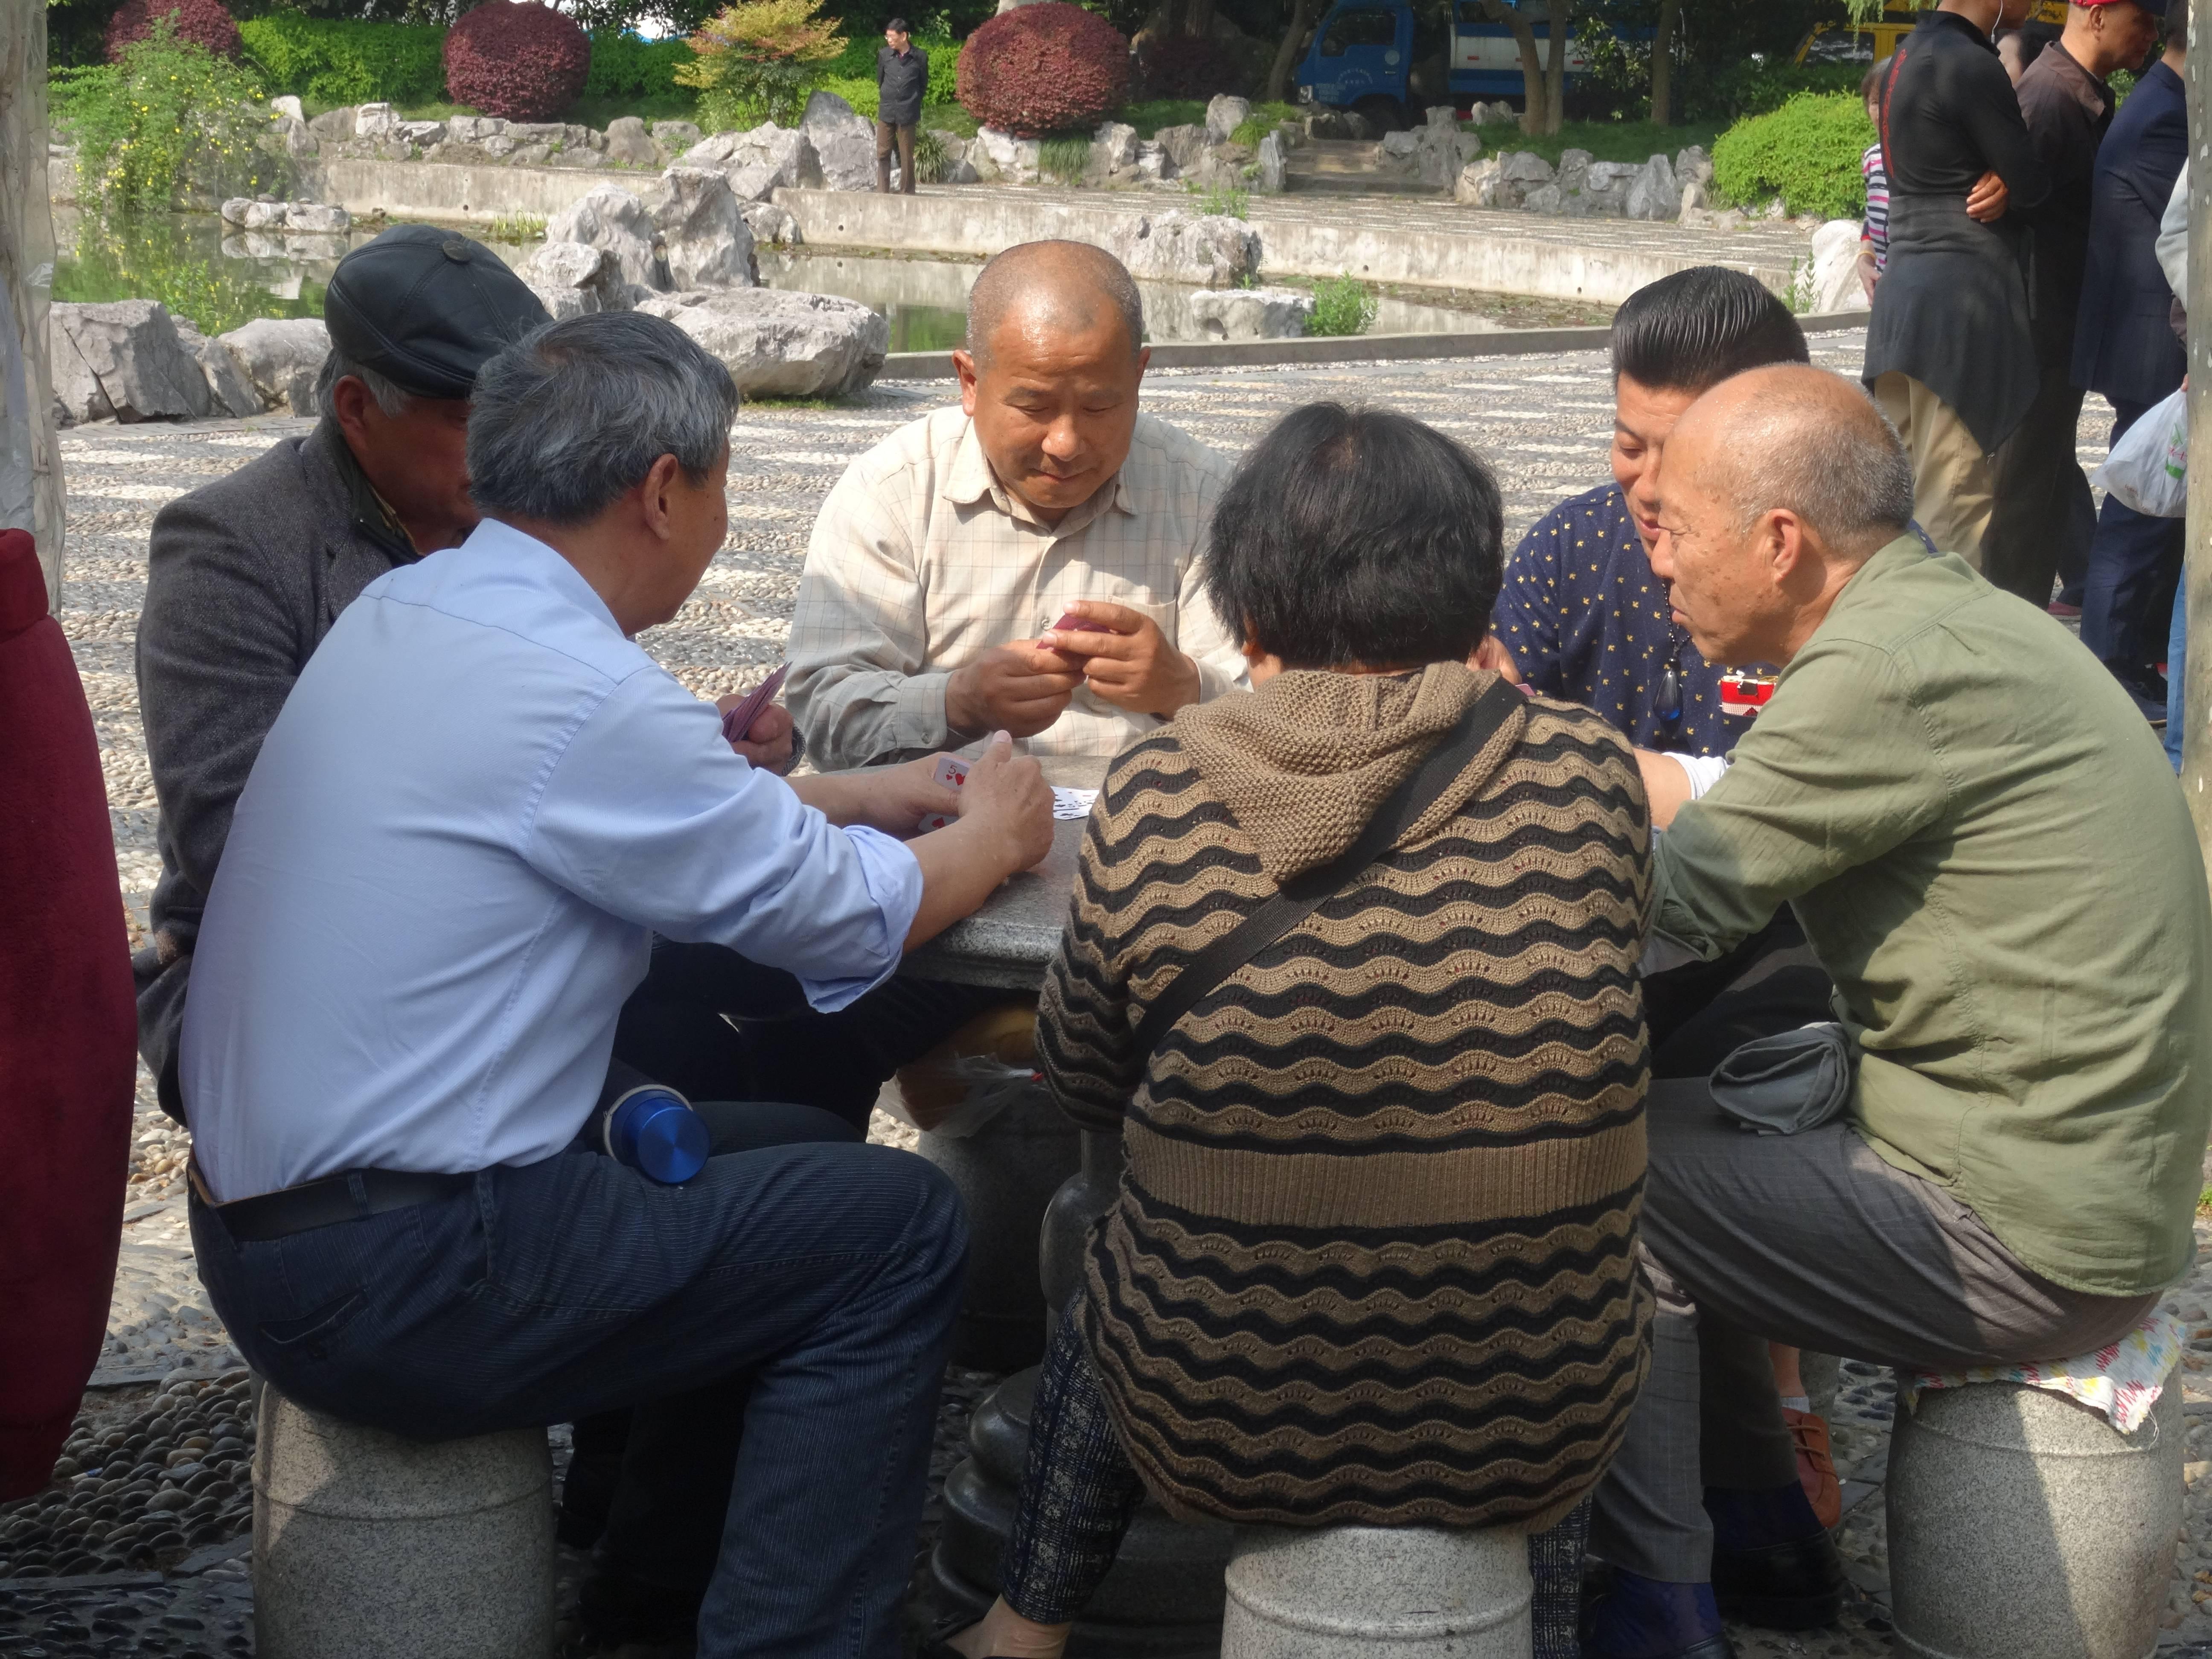 Photo 2: Shangaï, le Parc Fuxing, lieu d'échanges entre shangaïens